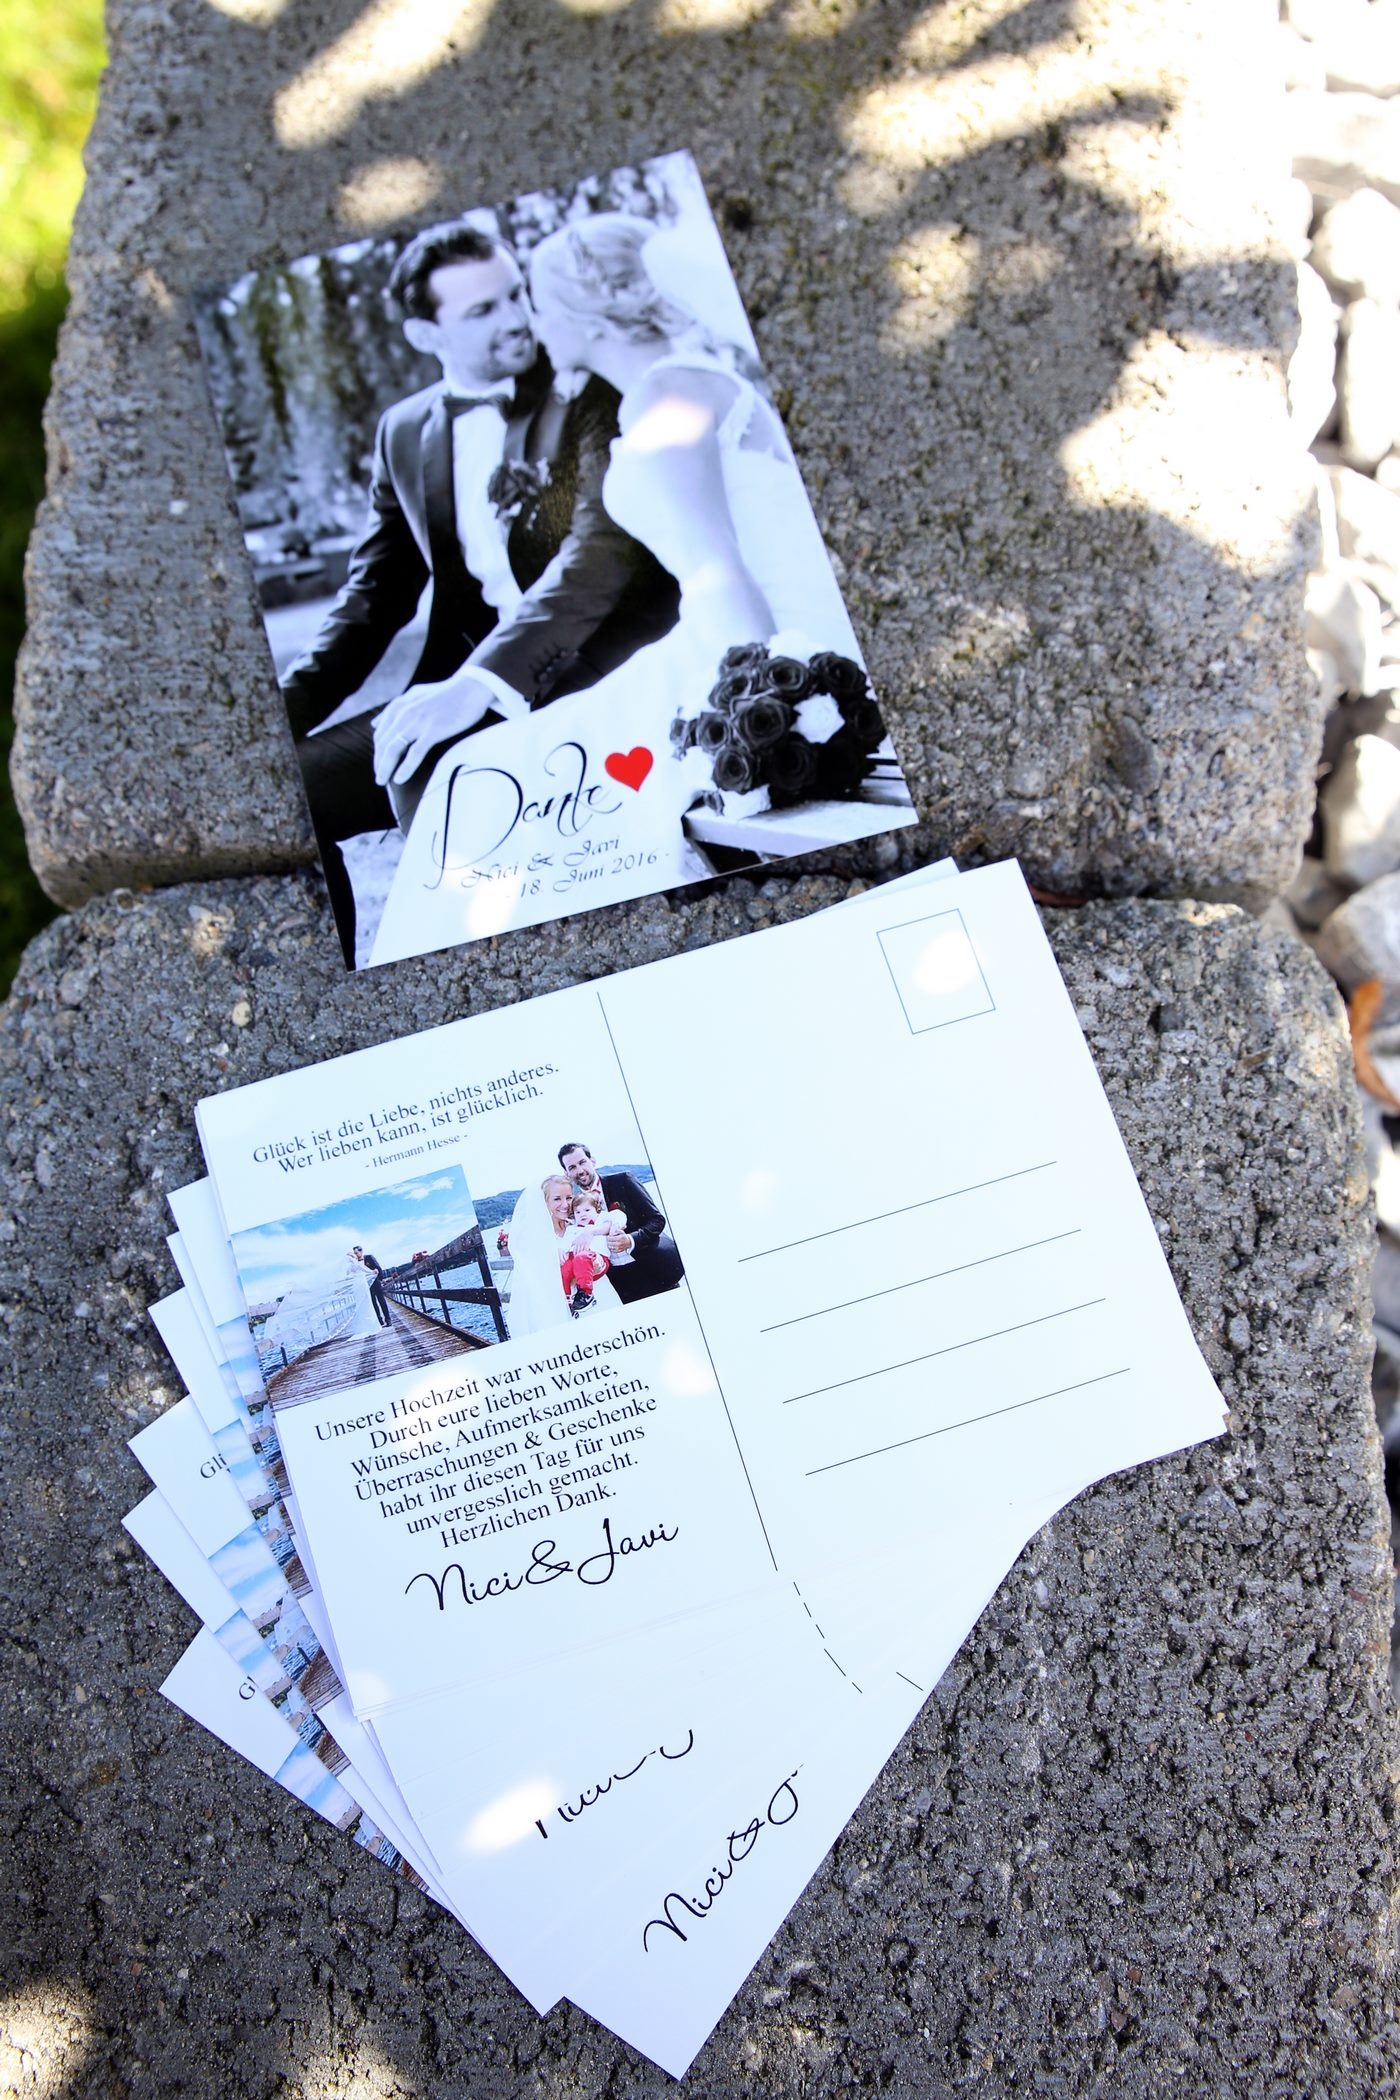 Einladungskarte zur Hochzeit als Postkarte in schwarz-weiß auf Steinmauer